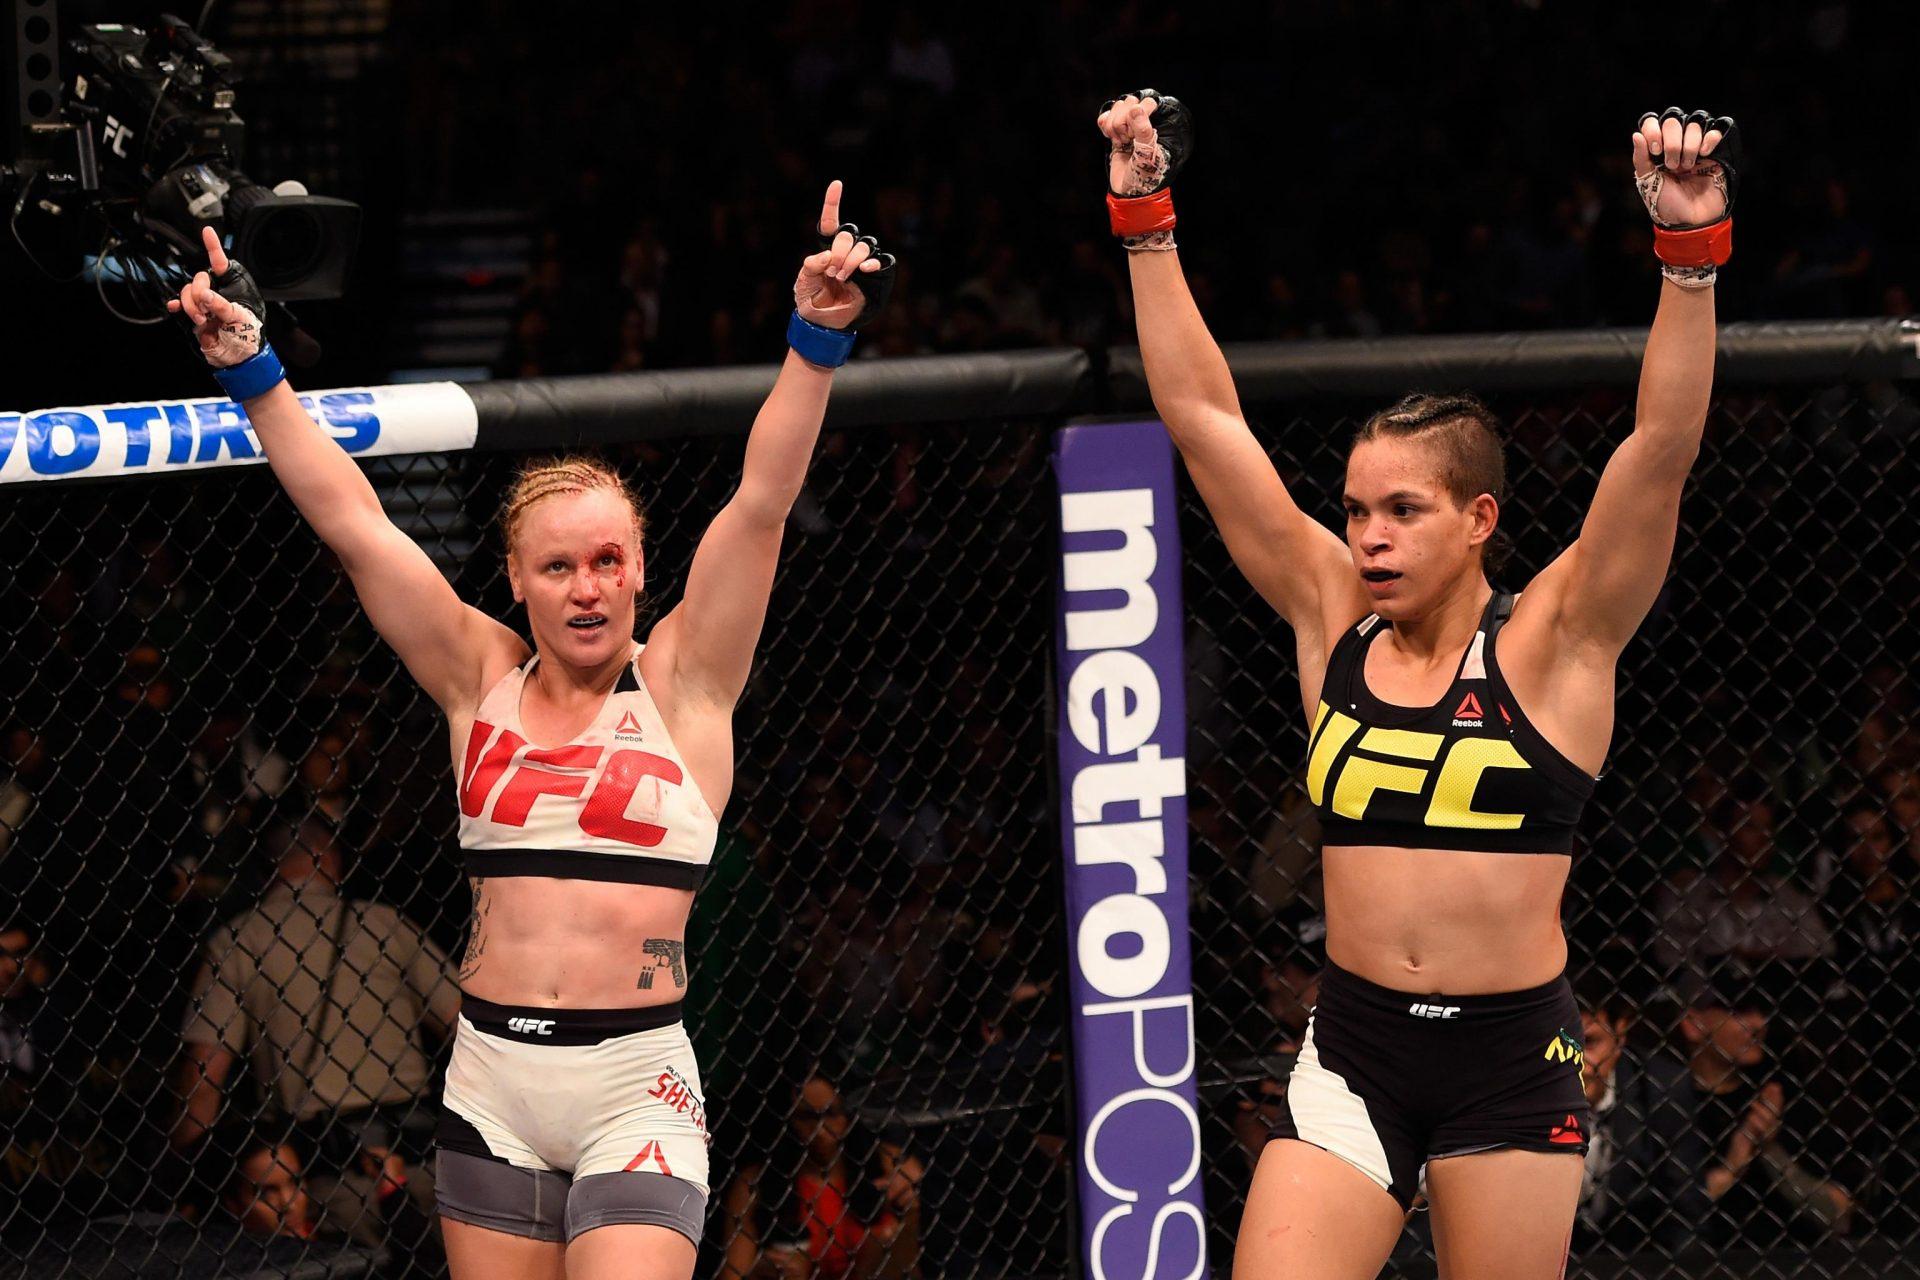 Valentina Shevchenko vs. Amanda Nunes trilogy fight makes sense according to Dana White - Shevchenko